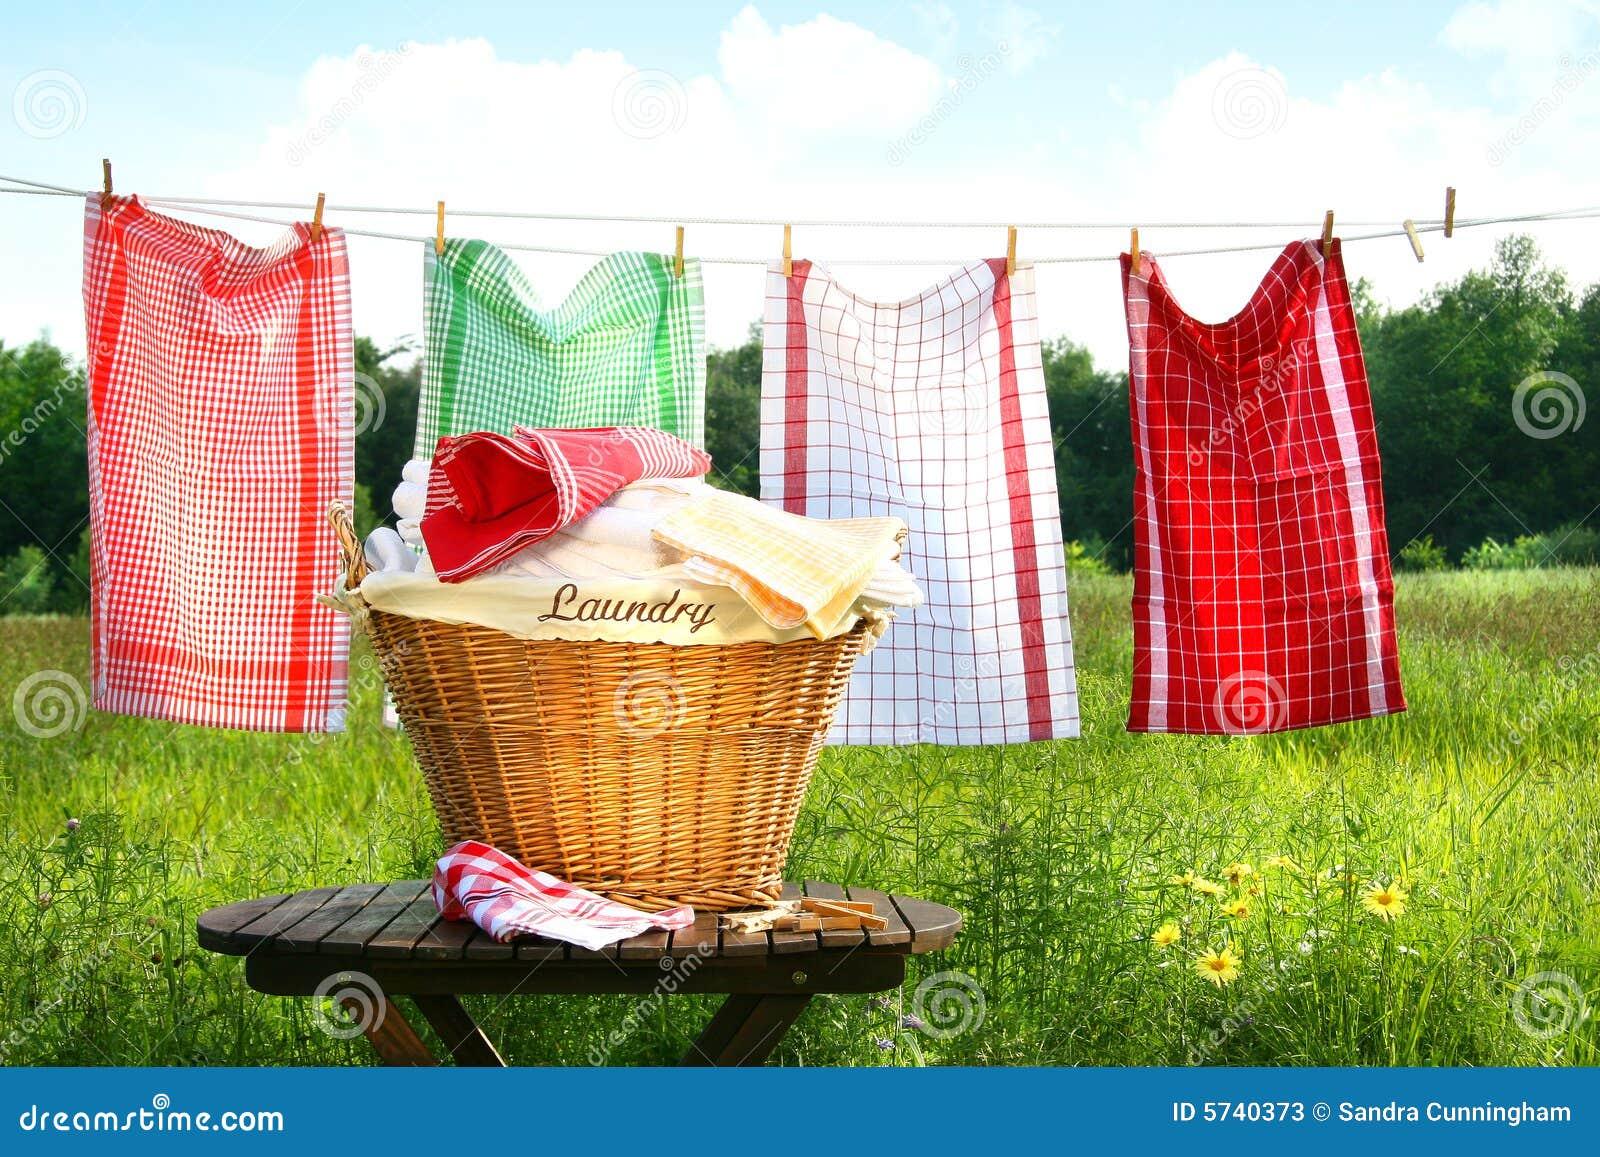 Toallas que se secan en la cuerda para tender la ropa